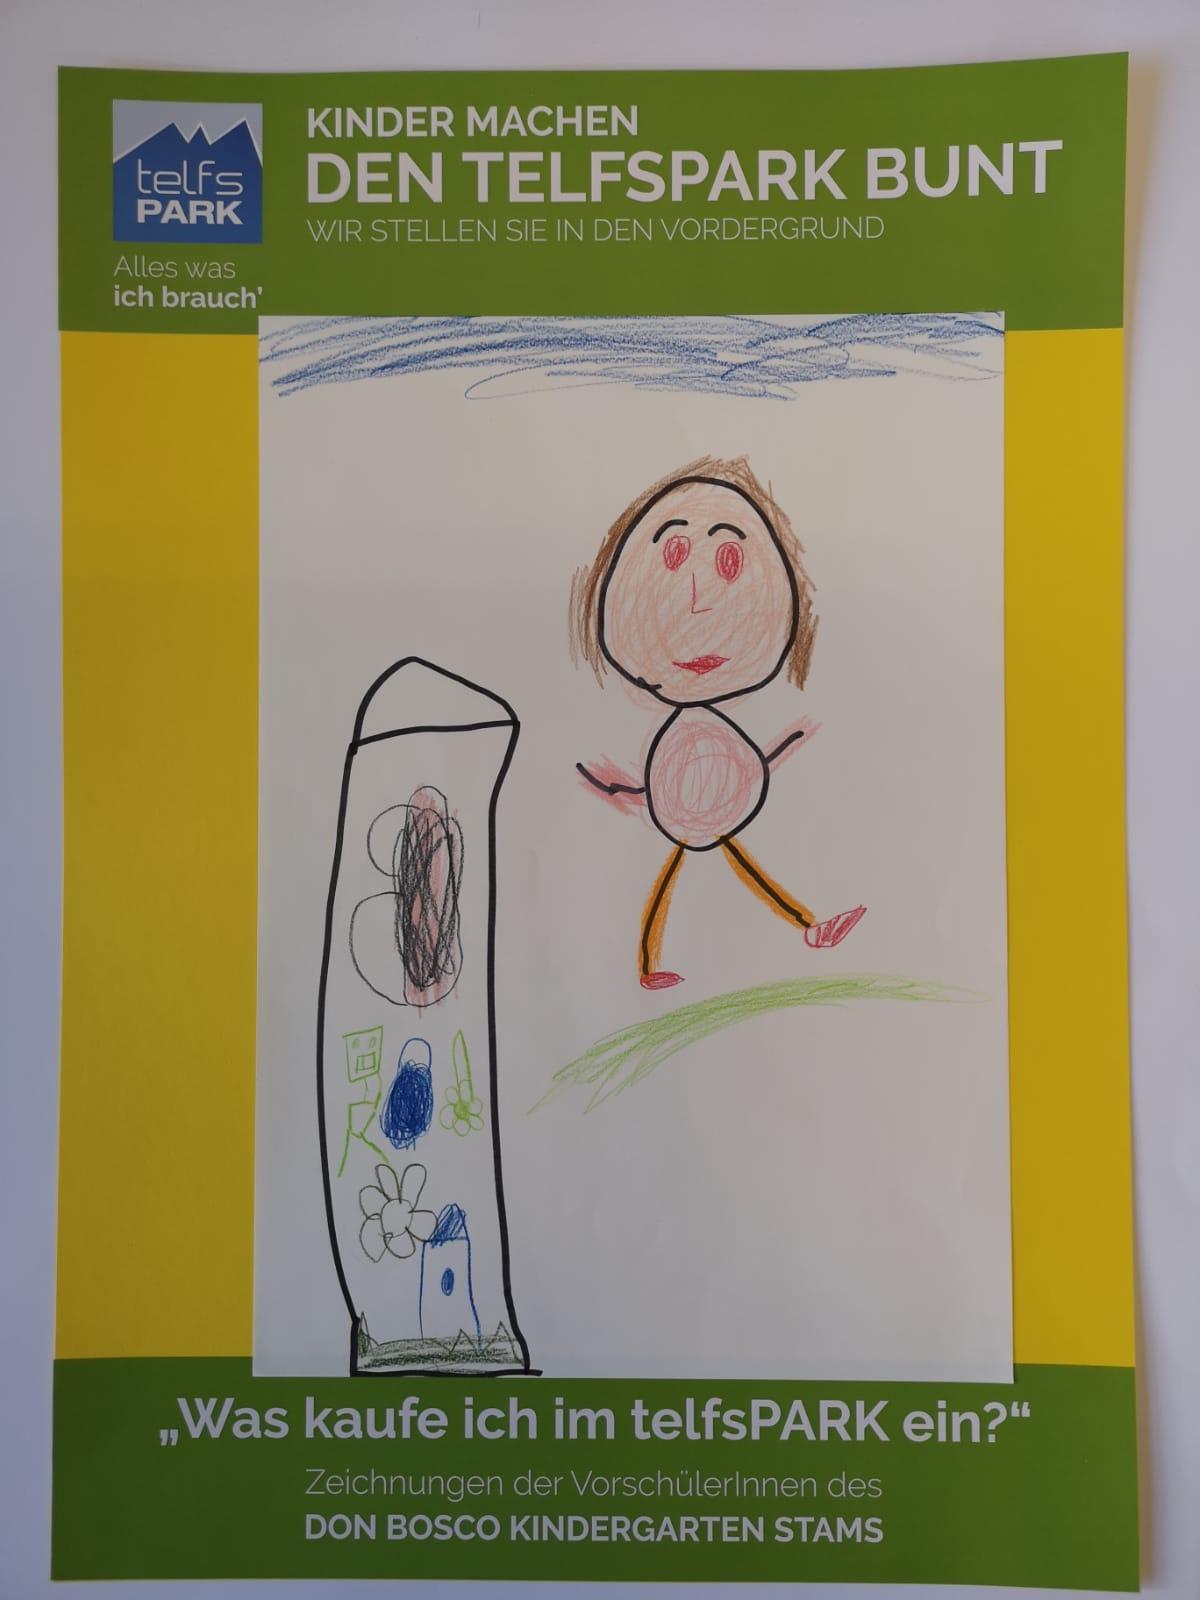 kindergarten-stams-7.jpg